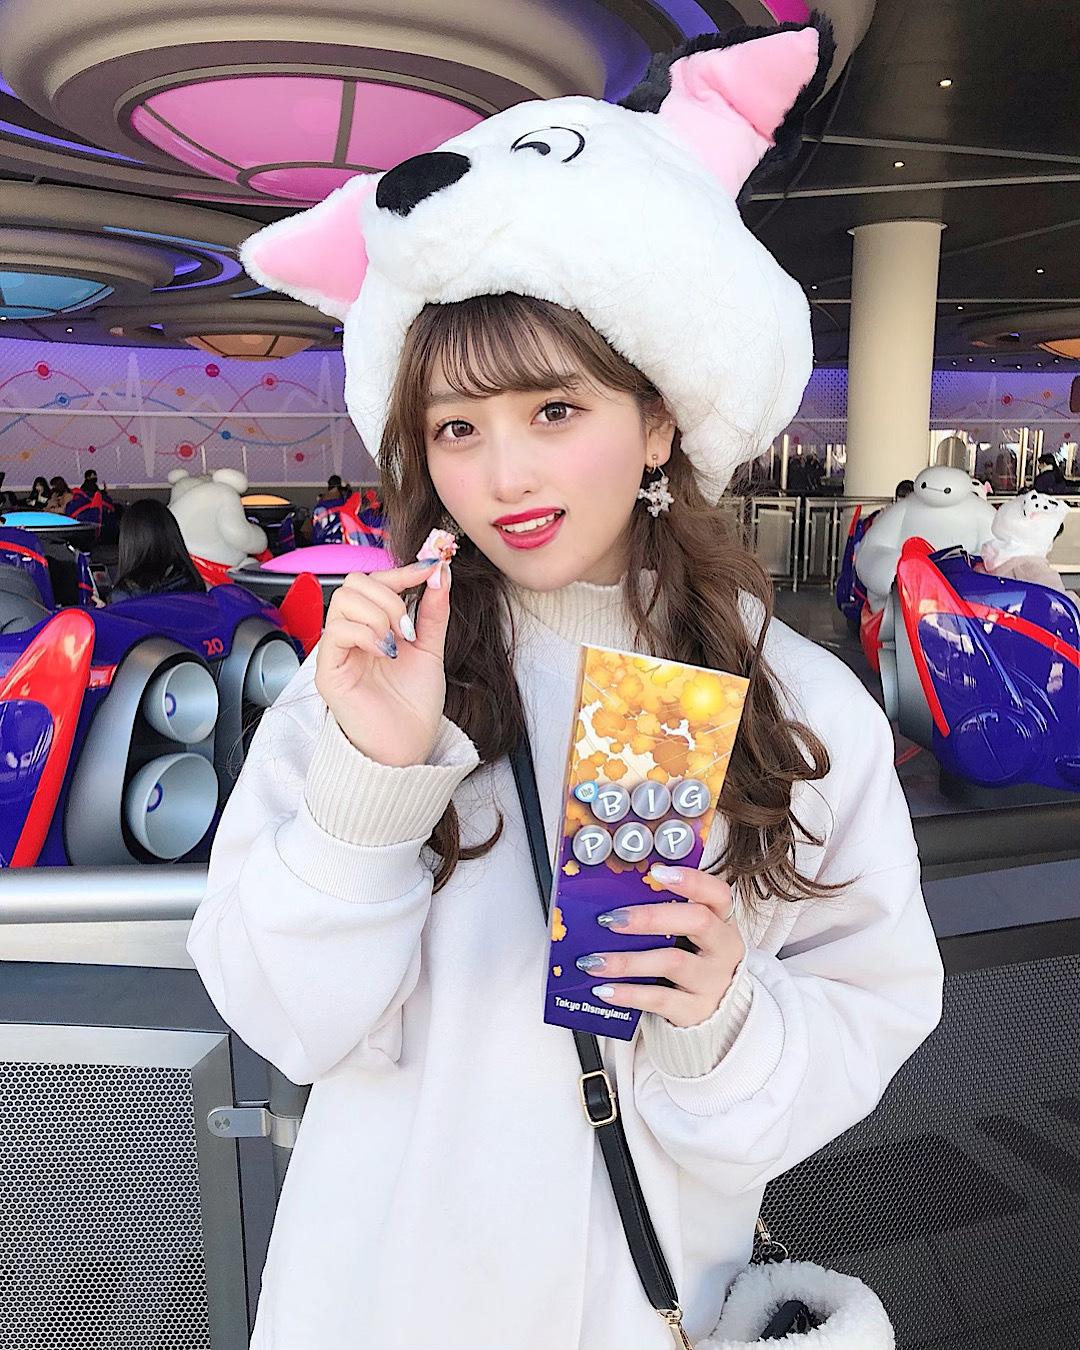 【新エリア】ディズニーランド新作フード巡り!♡_1_6-1